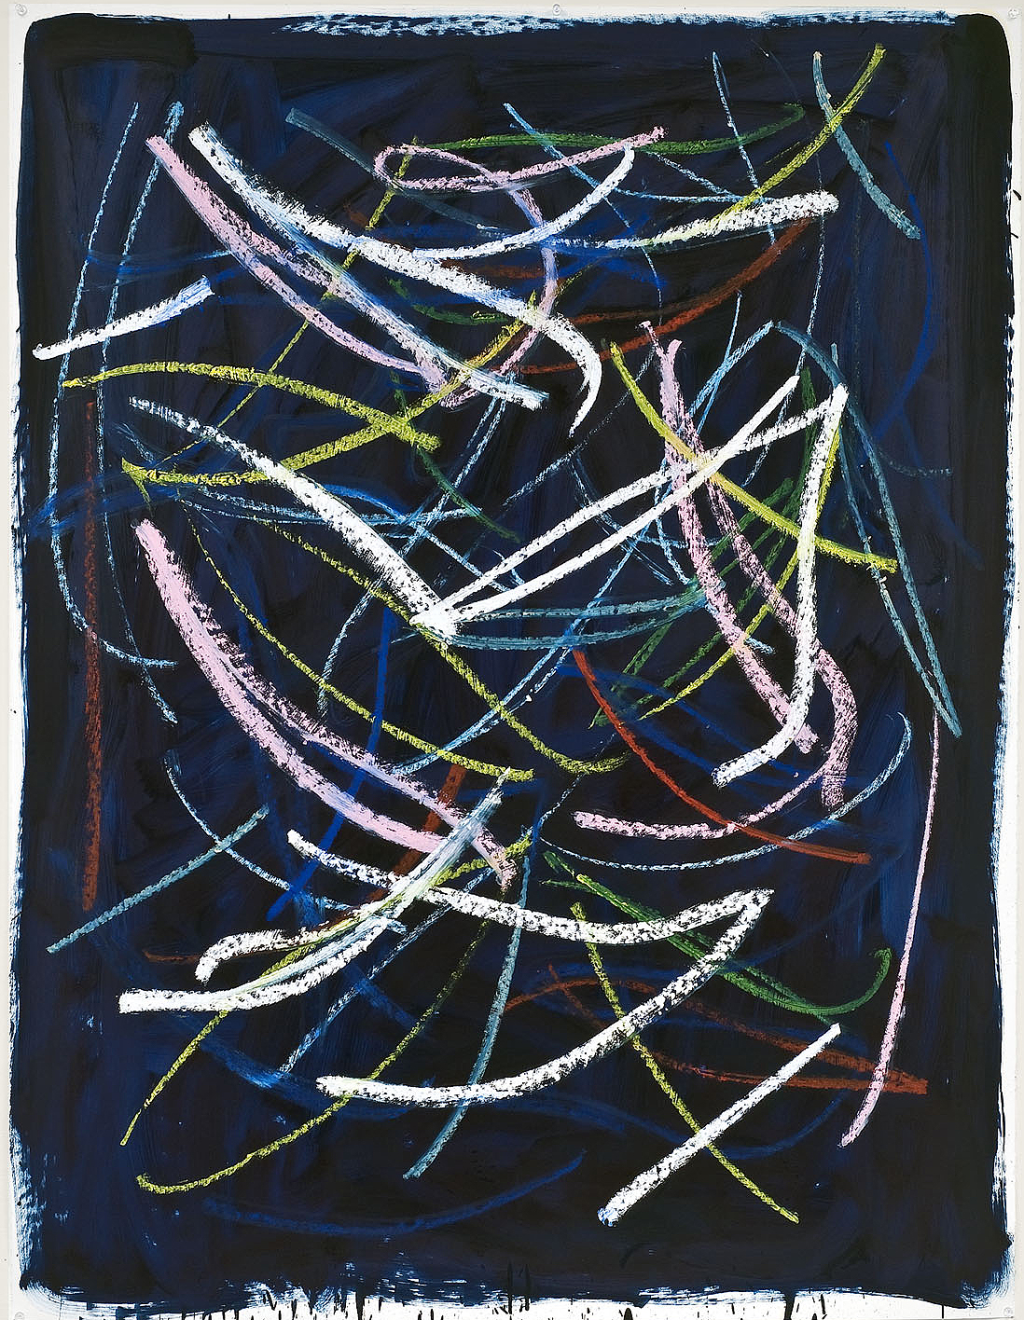 Untitled Gerben Mulder